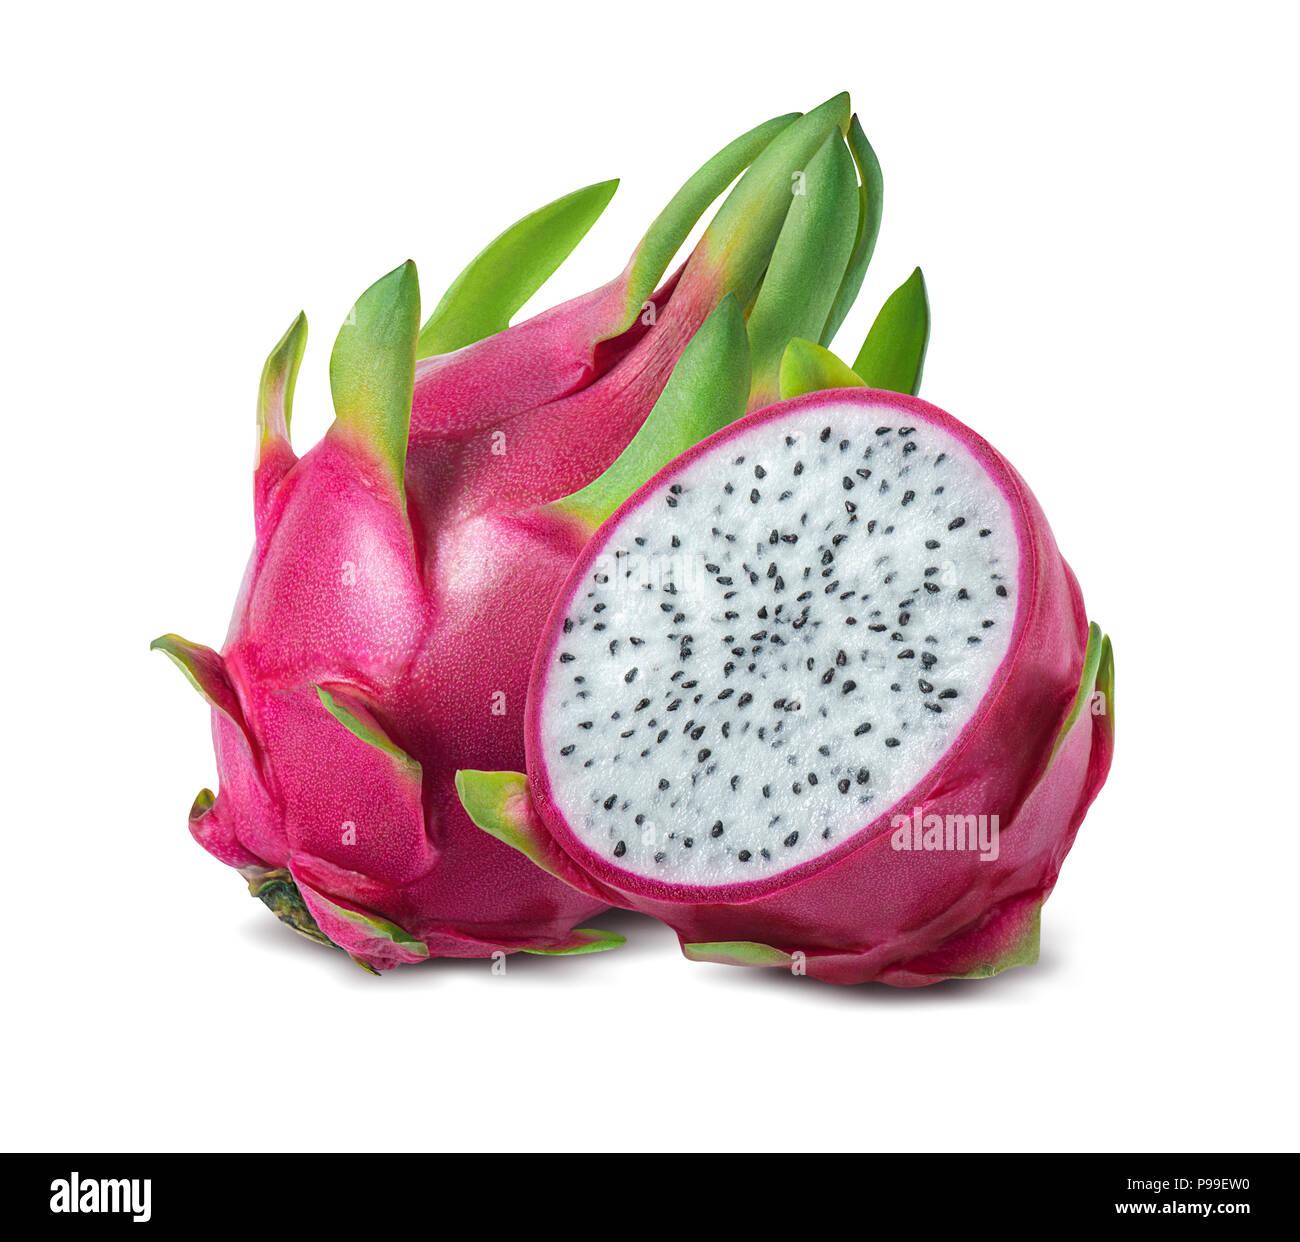 Dragon Obst oder pitaya auf weißem Hintergrund als Package Design Element isoliert Stockbild